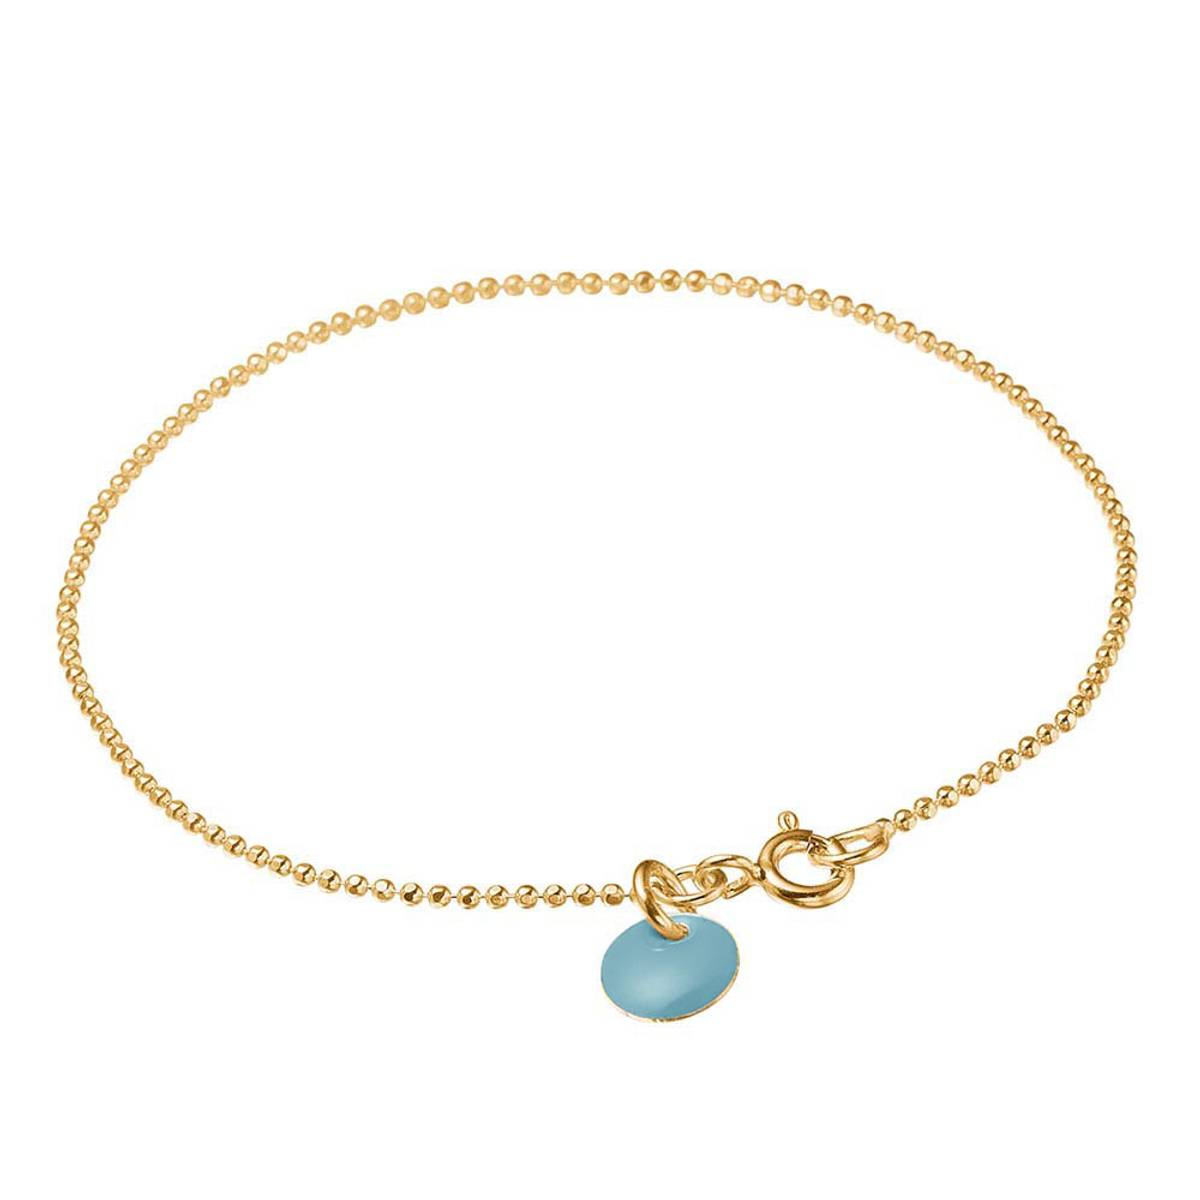 Enamel Bracelet Ball Chain Gold